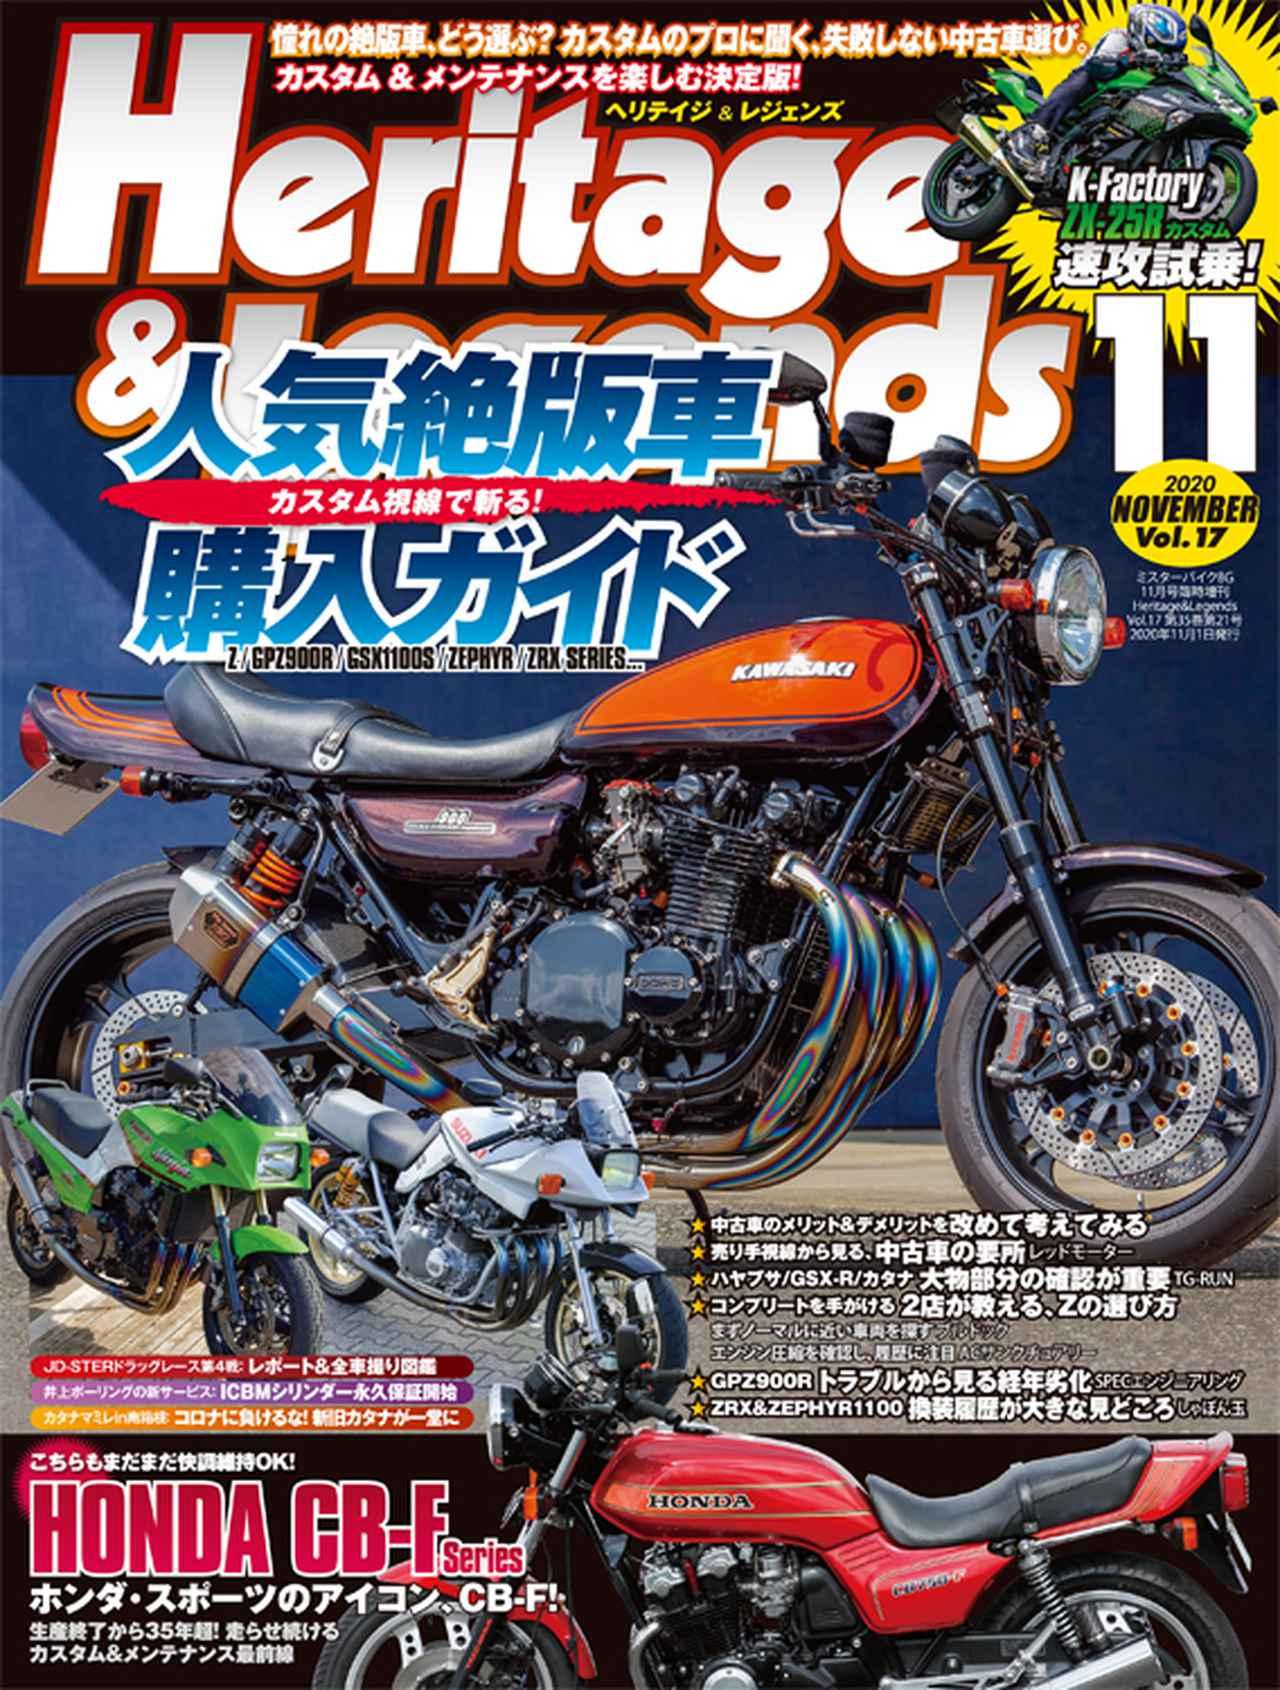 画像: 月刊『ヘリテイジ&レジェンズ』11月号(Vol.17)好評発売中!| ヘリテイジ&レジェンズ|Heritage& Legends